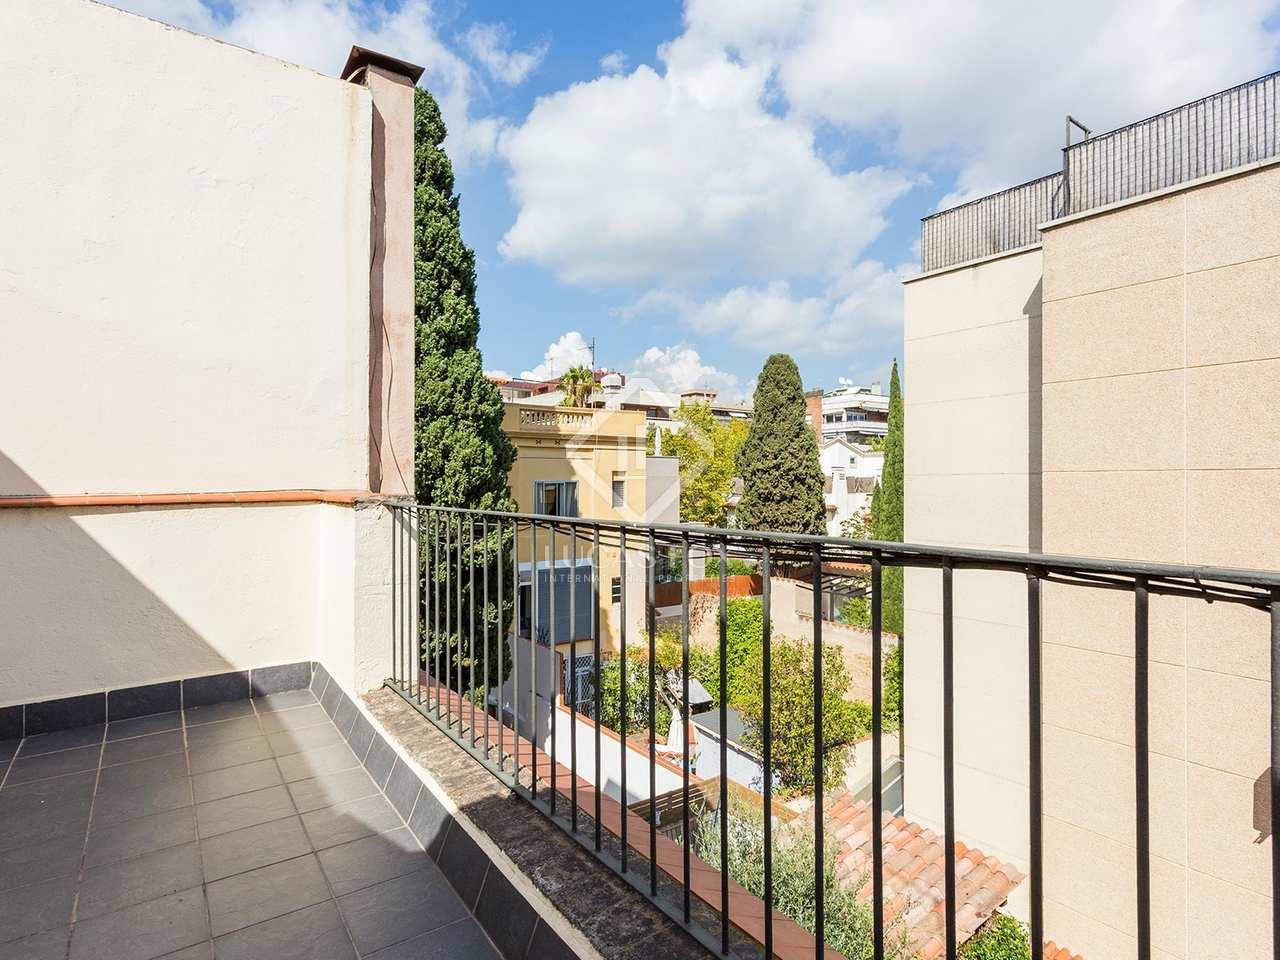 Casa de 3 dormitorios en alquiler en tres torres - Casa torres barcelona ...